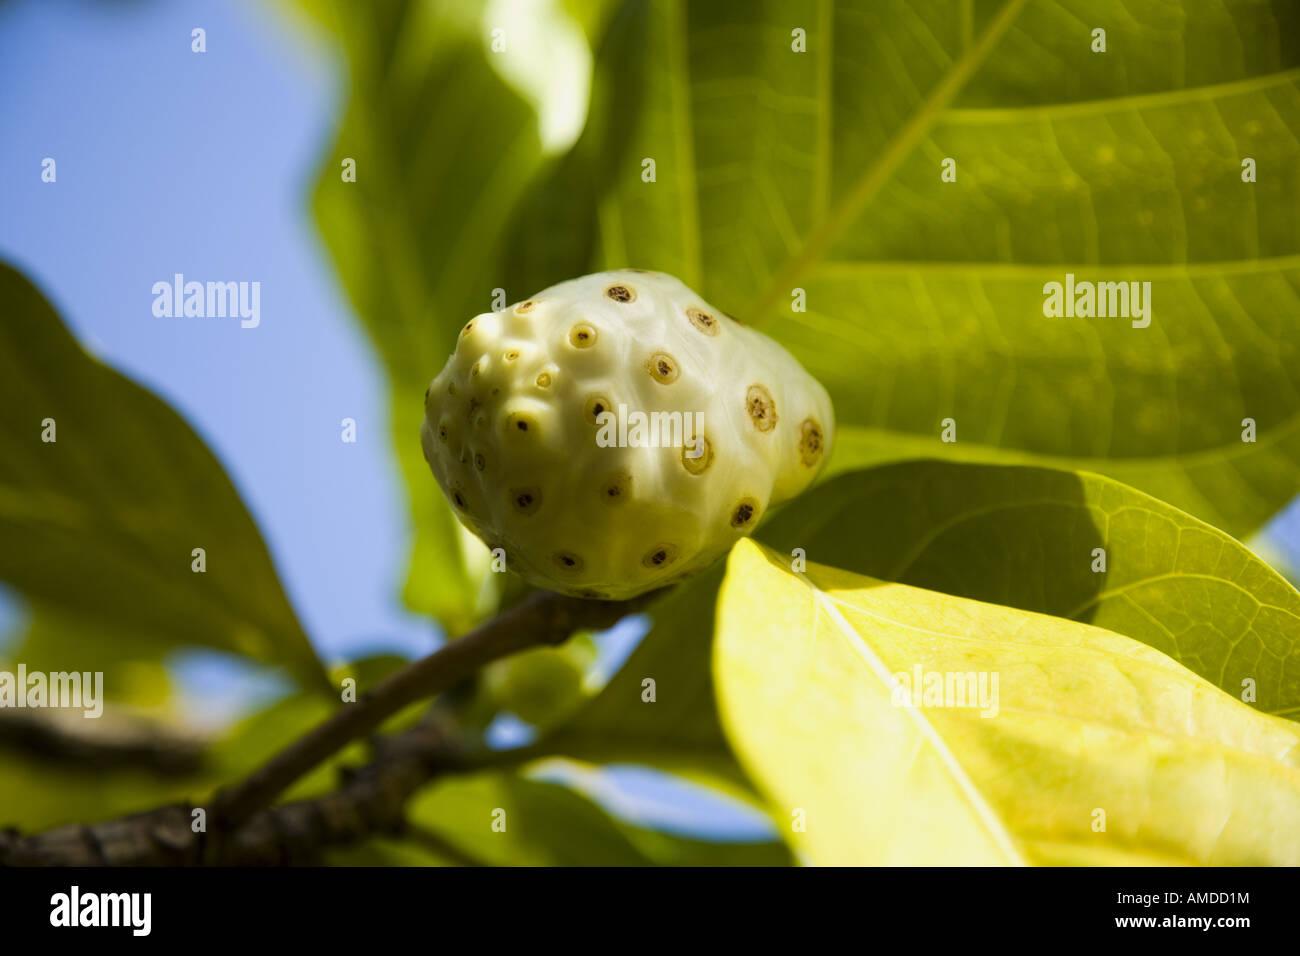 Detailansicht der Früchte am Baum Stockbild